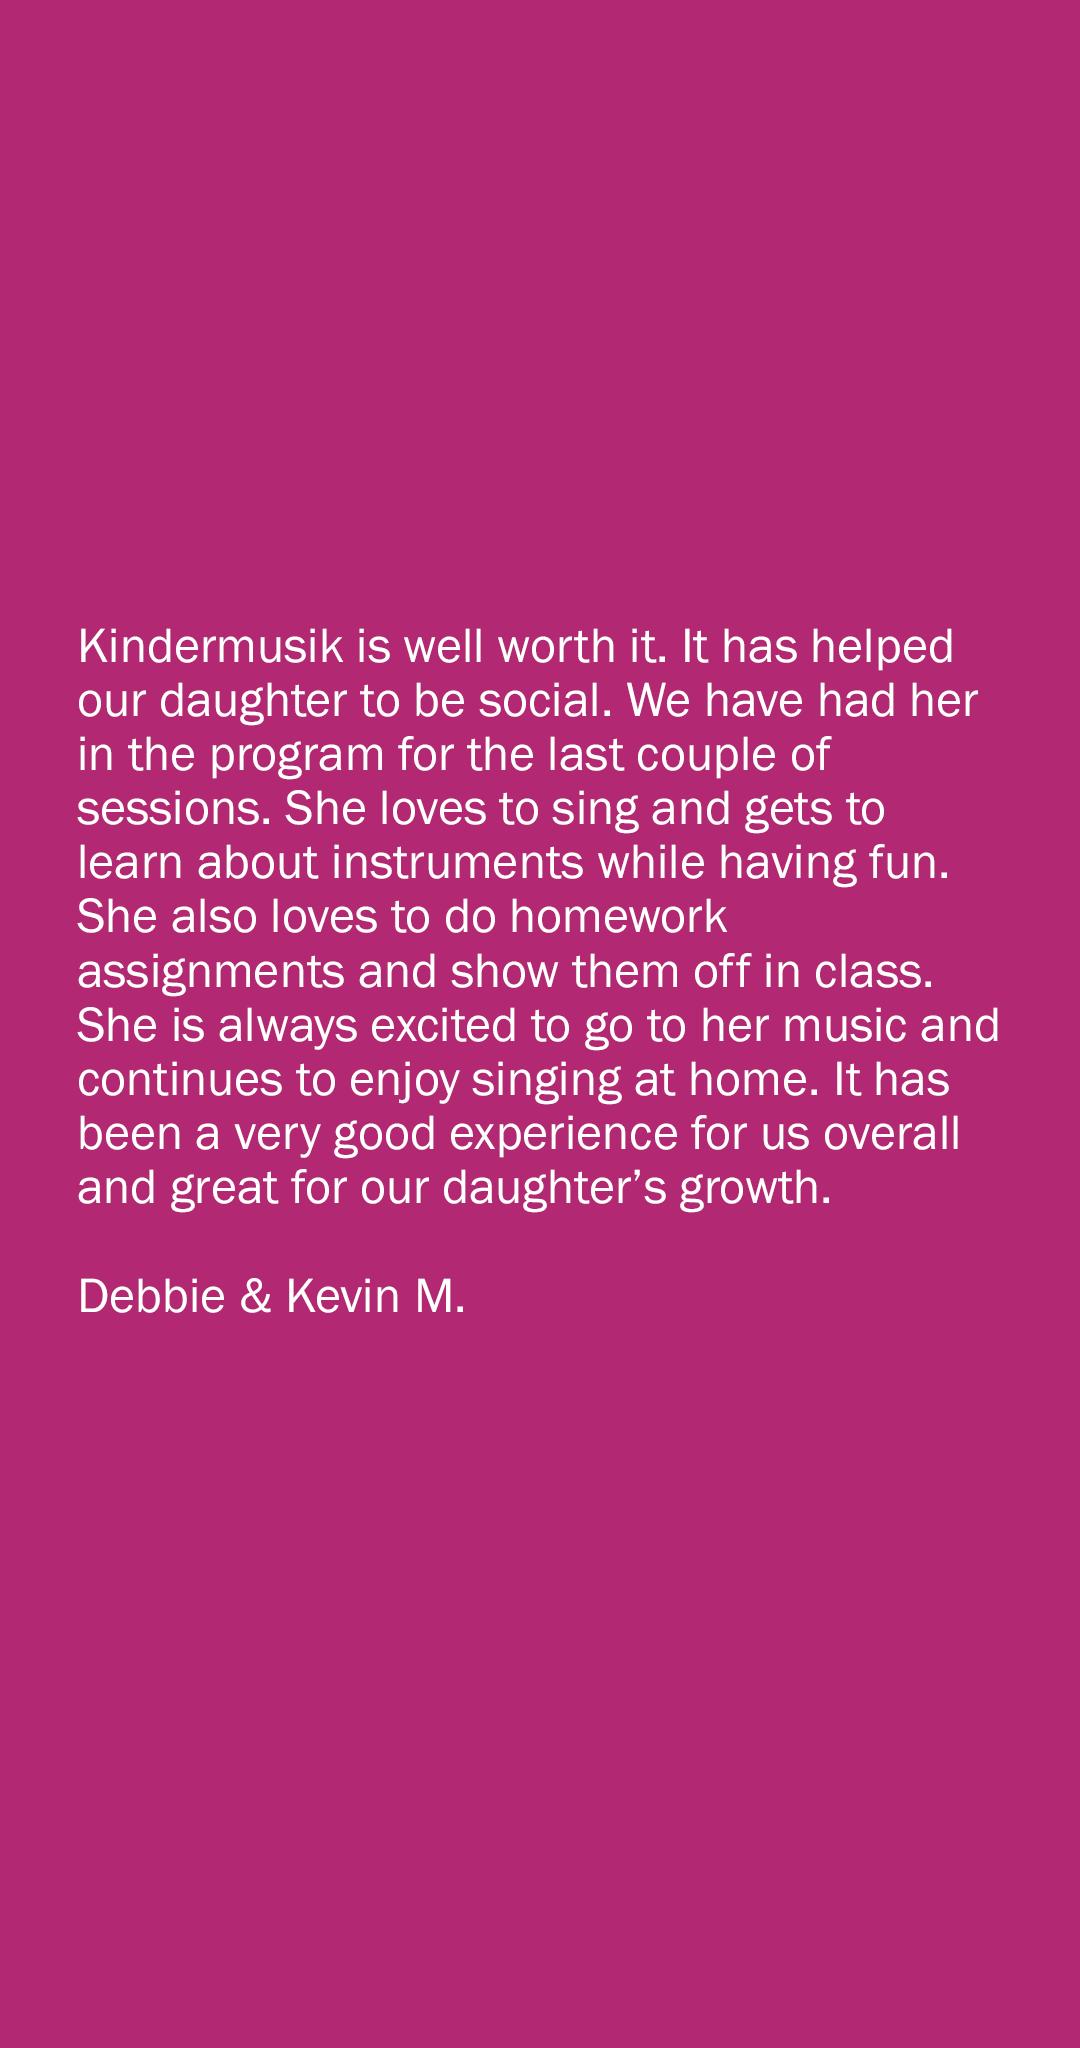 parentcomments_Debbie-&-Kevin-M..png